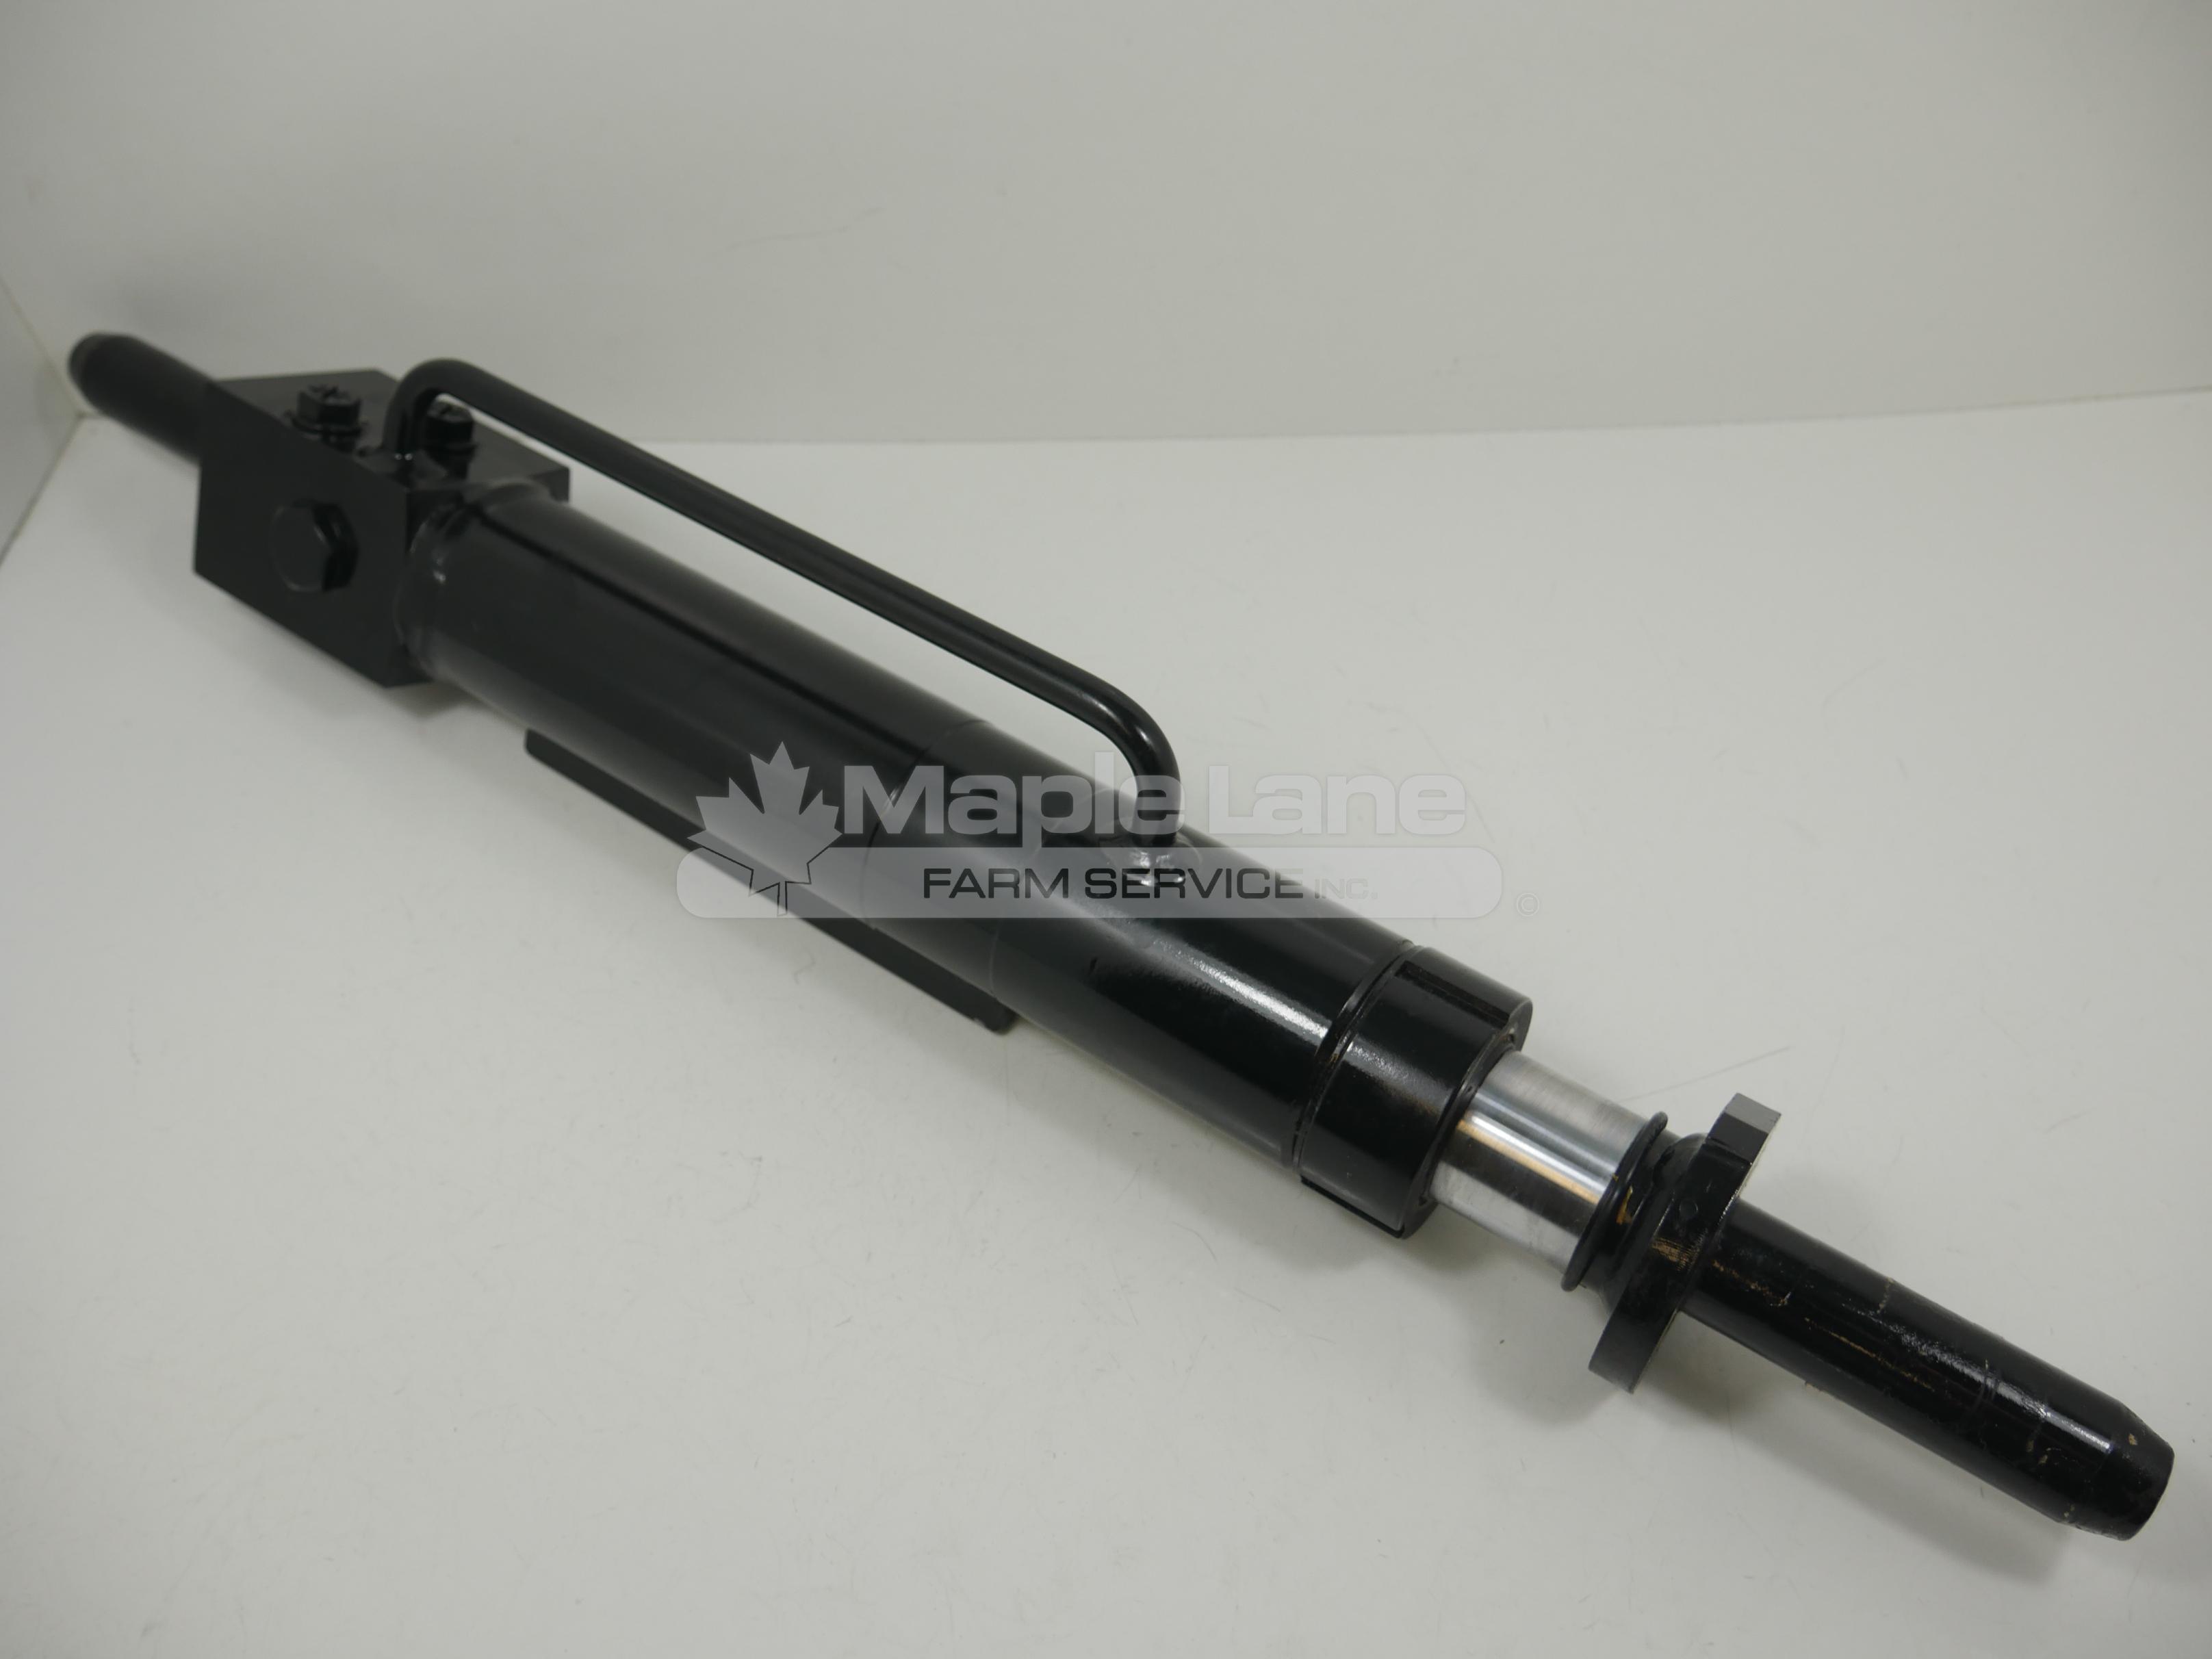 J304884 Hydraulic Cylinder